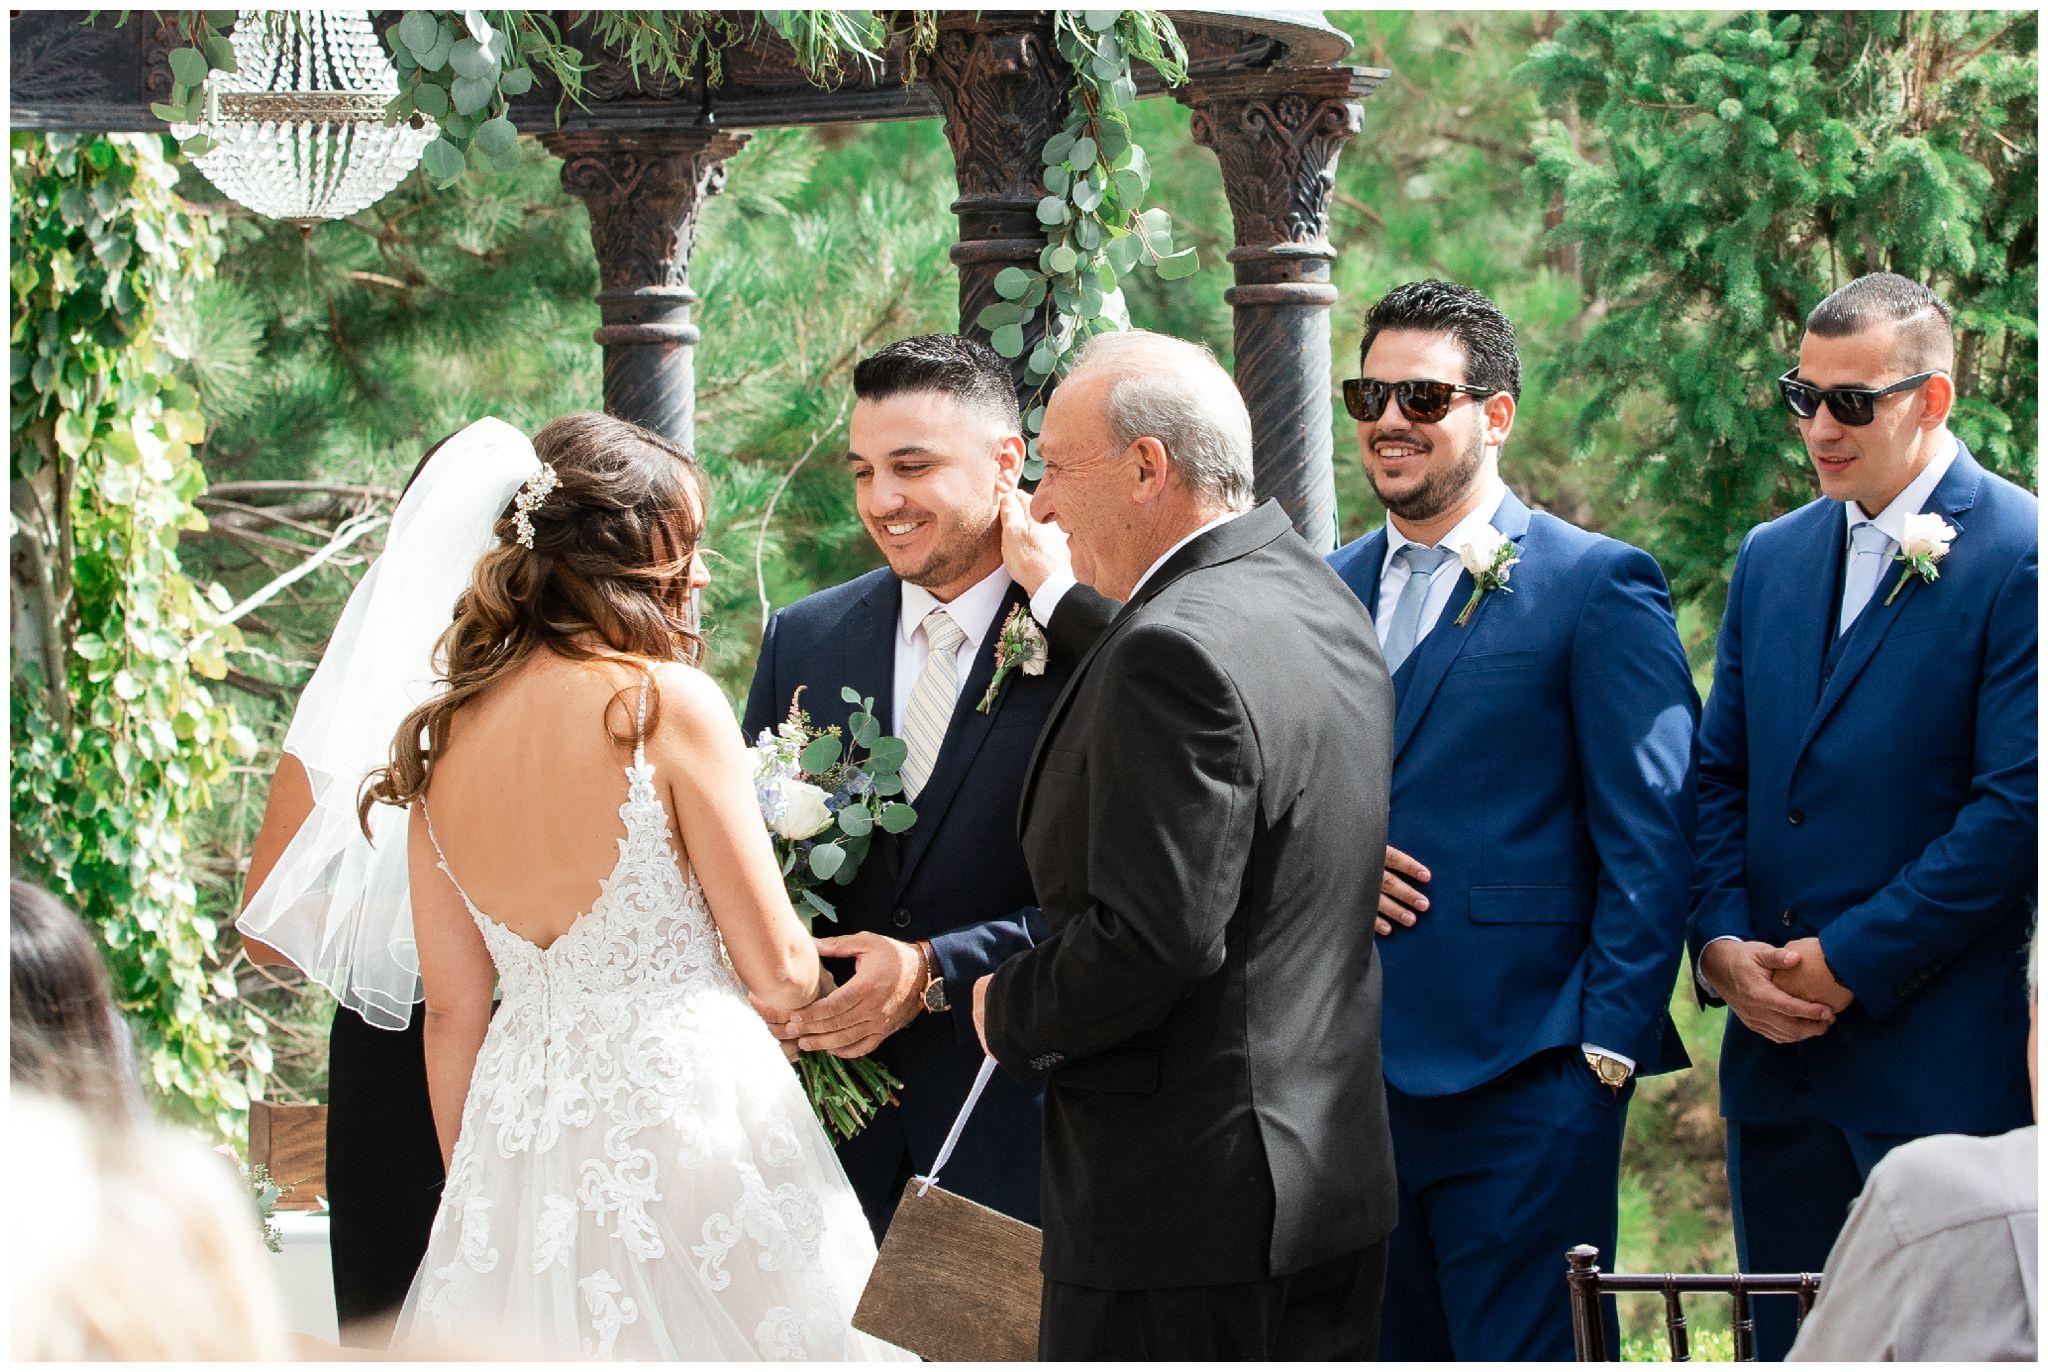 Wedding ceremony outside at Sleepy Ridge Wedding Venue in Vineyard Utah